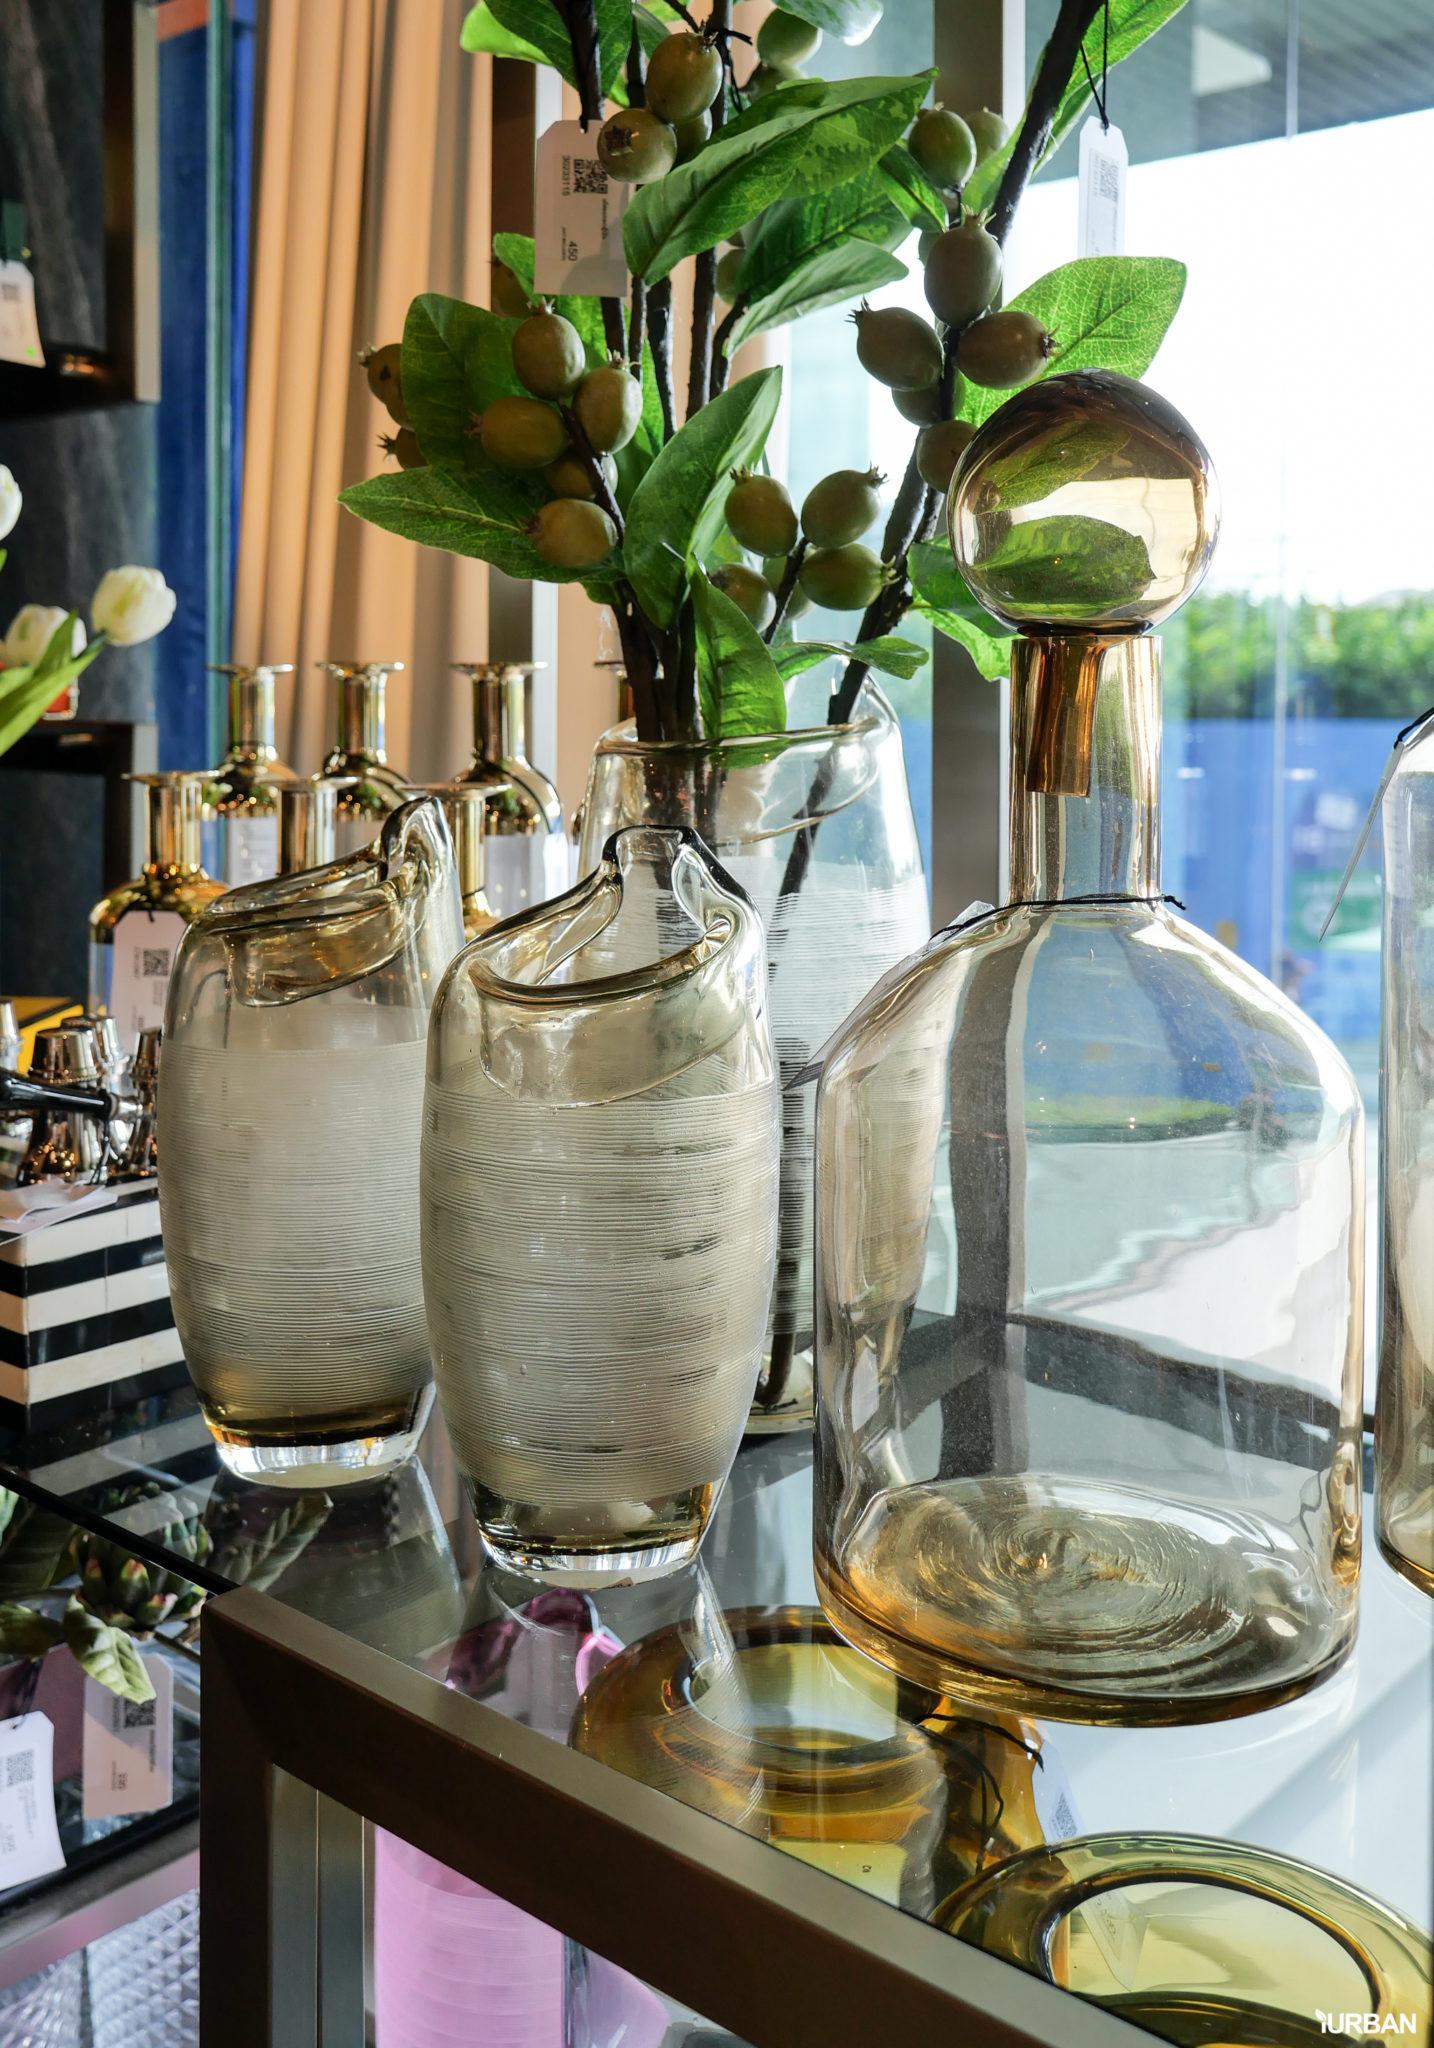 พาชม MODERNFORM ลดถึง 75% งาน The Annual Sale 2019 ปีนี้มีอะไรบ้าง? 120 - decorate